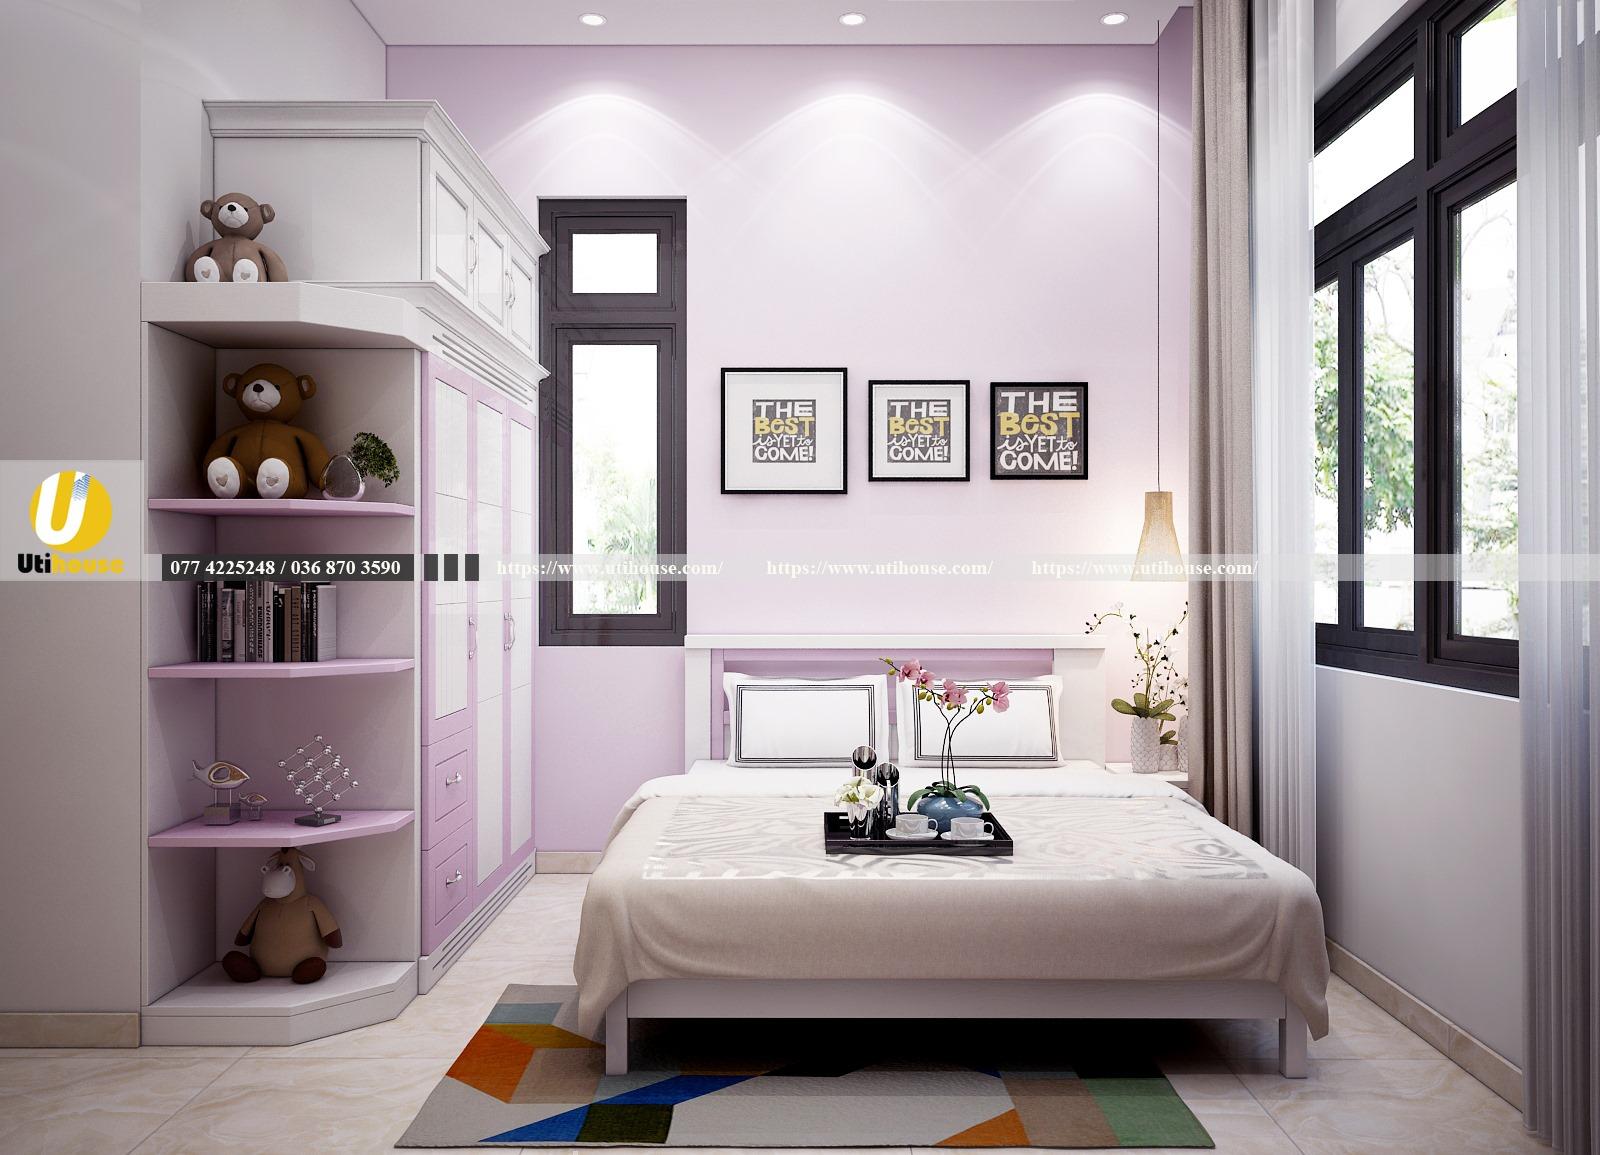 Mẫu phòng ngủ nổi bật nhờ màu sắc